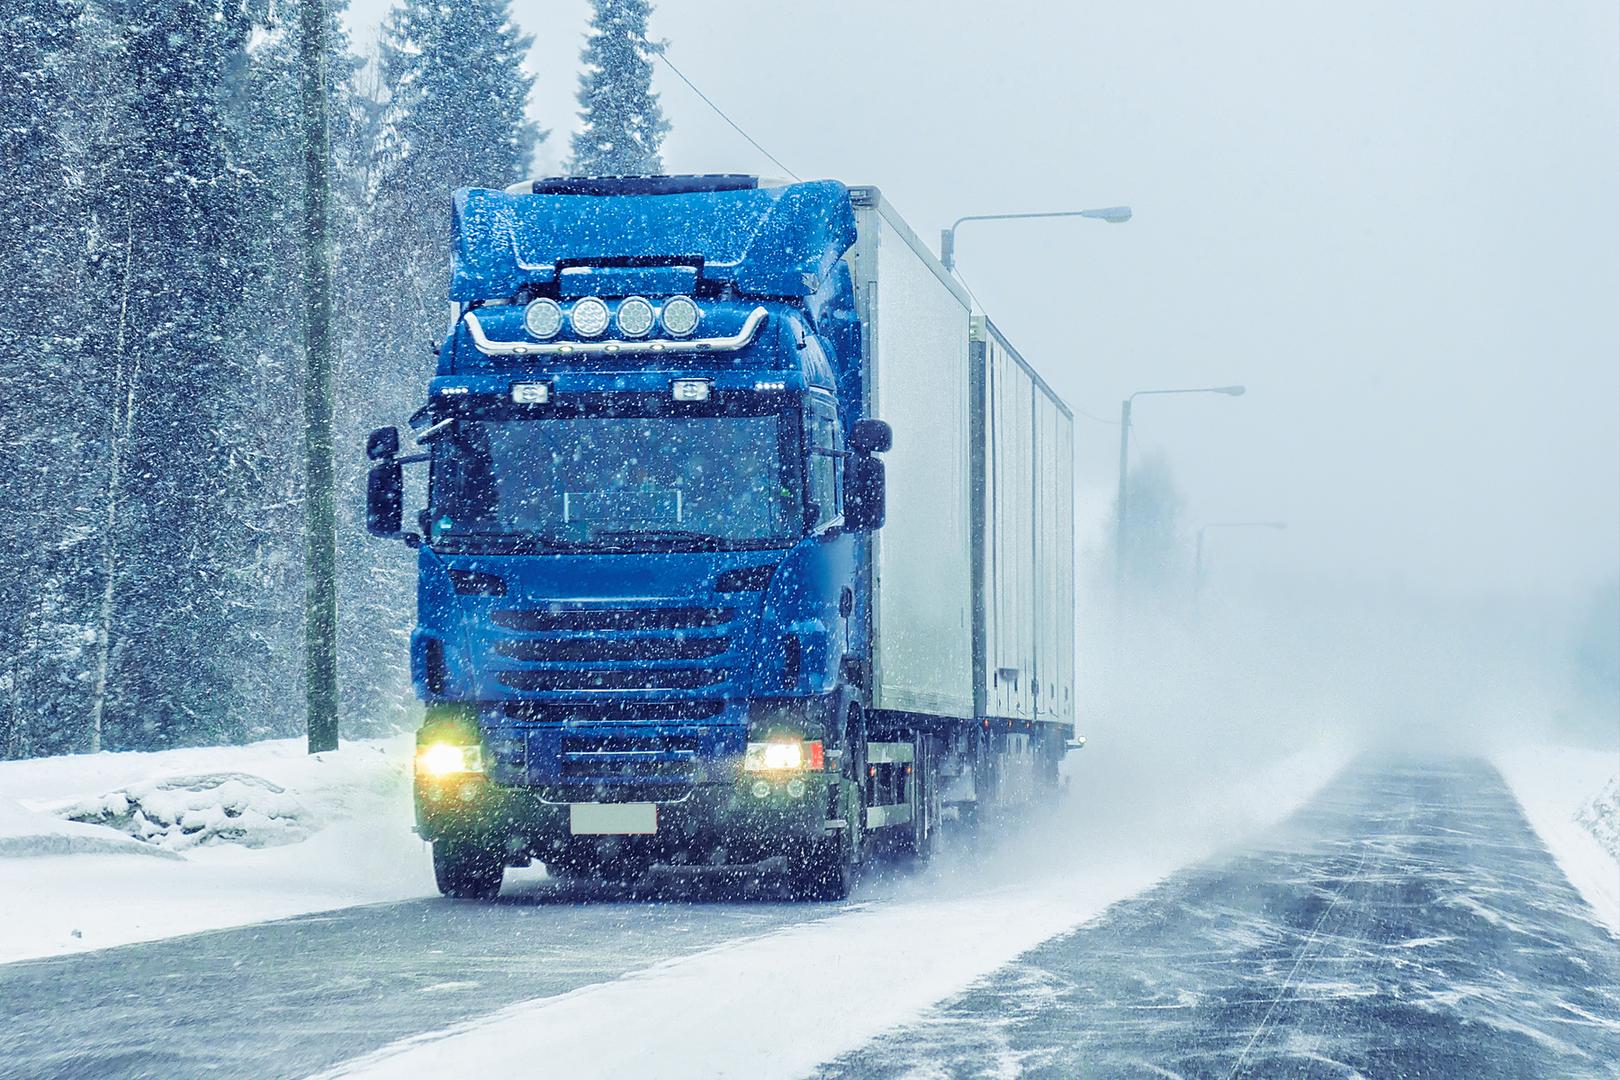 Camions de moyen et gros tonnage